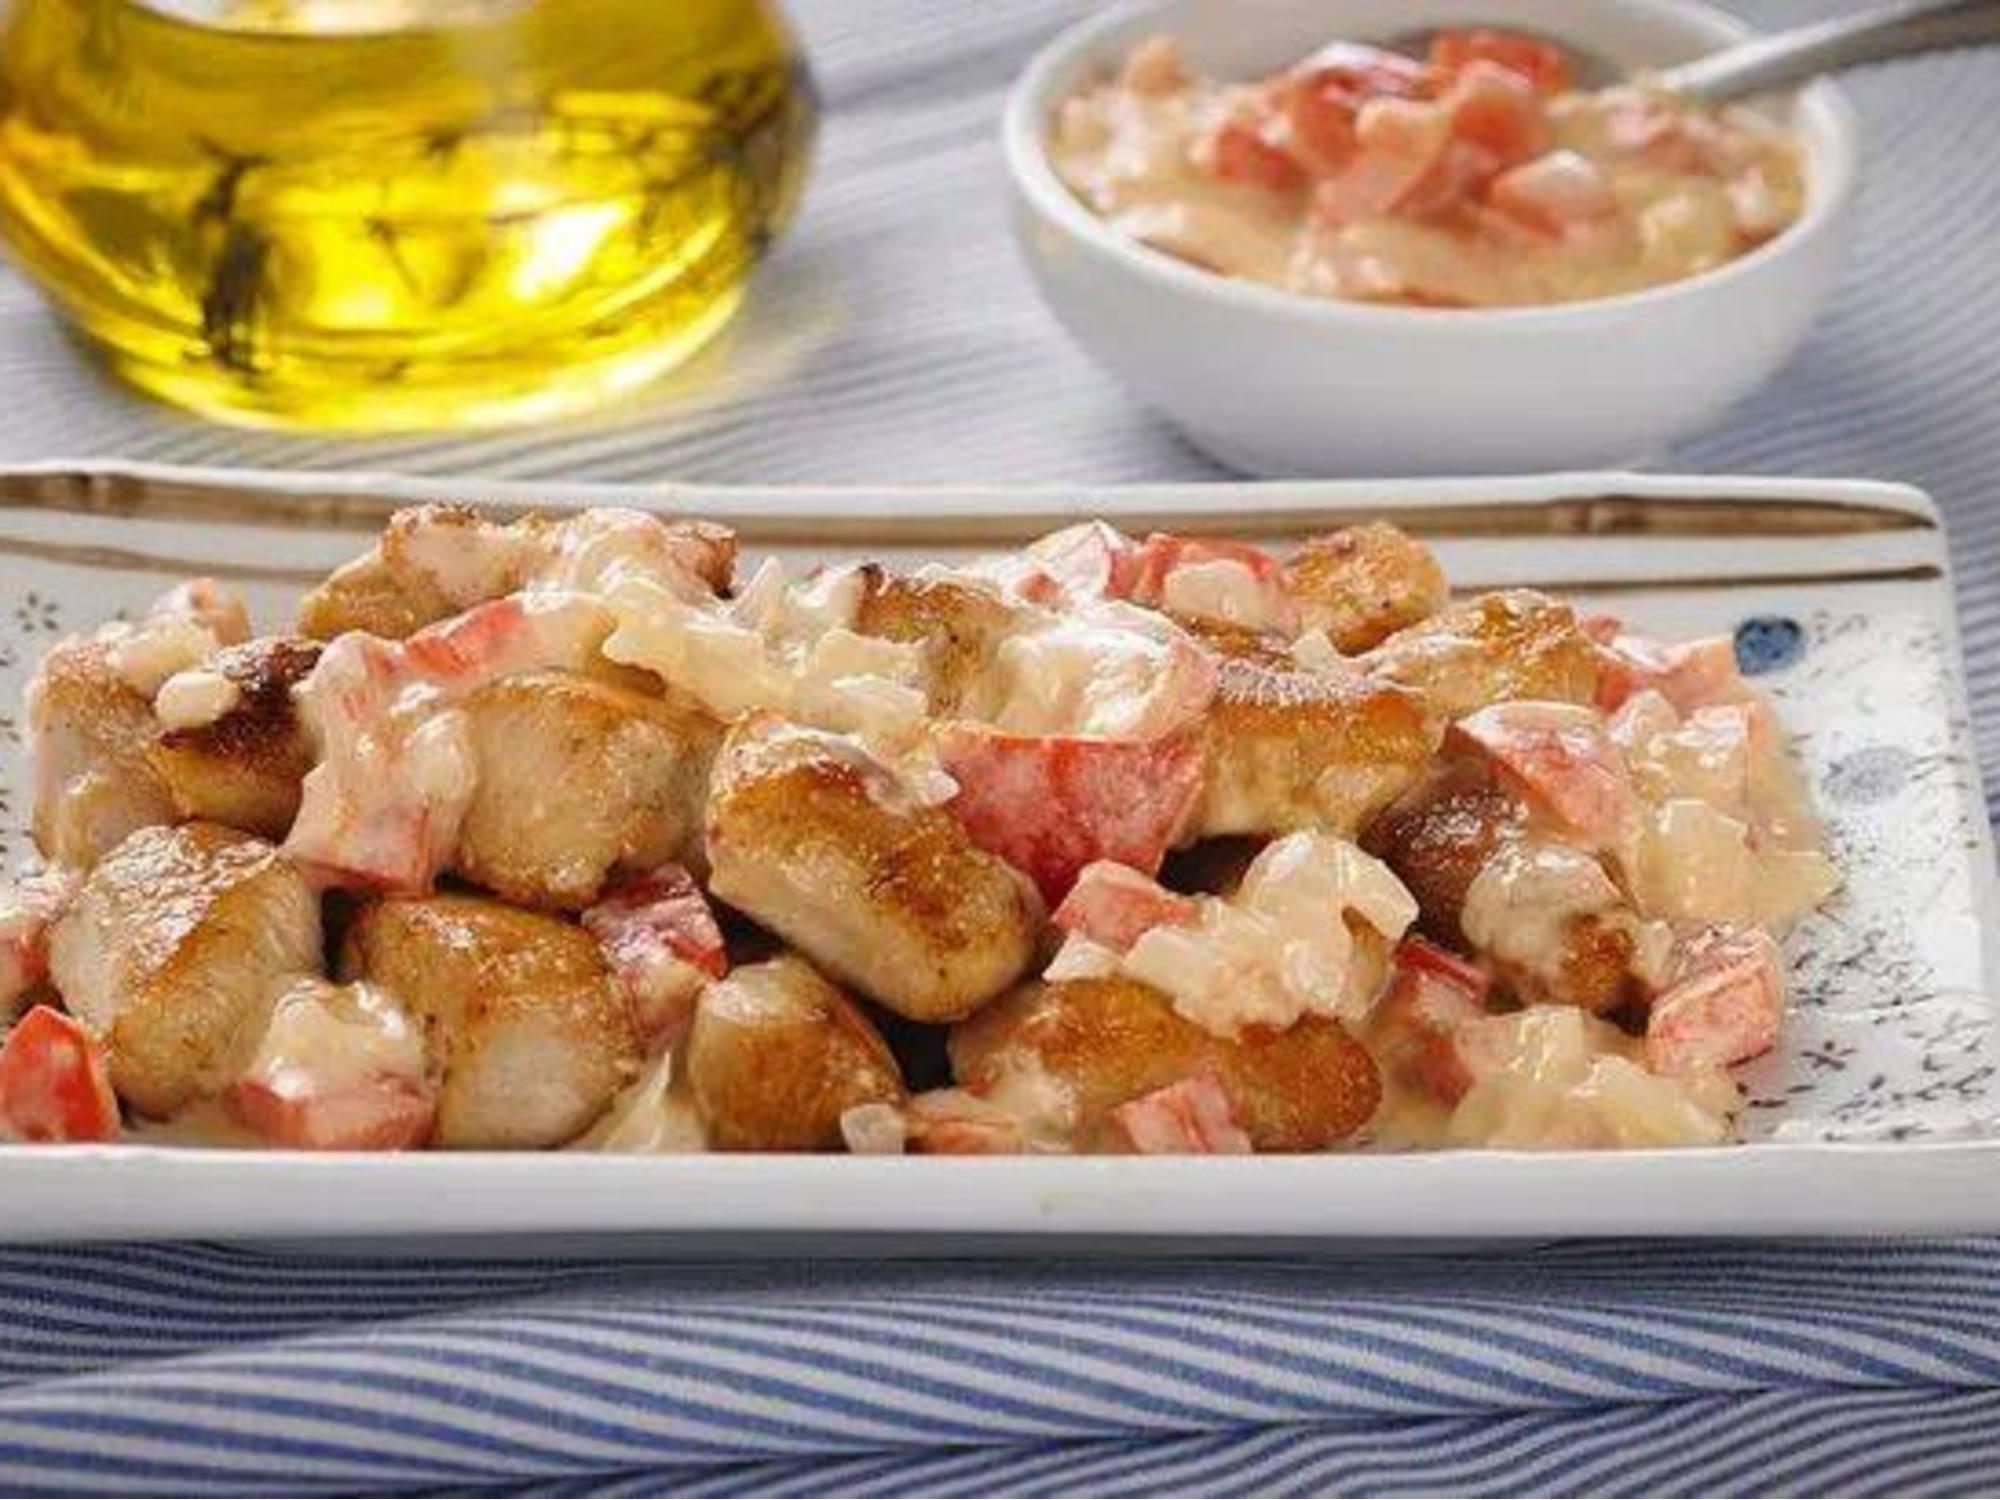 Cuadritos de Pollo con salsa de Ajo y Pimentón Fruco